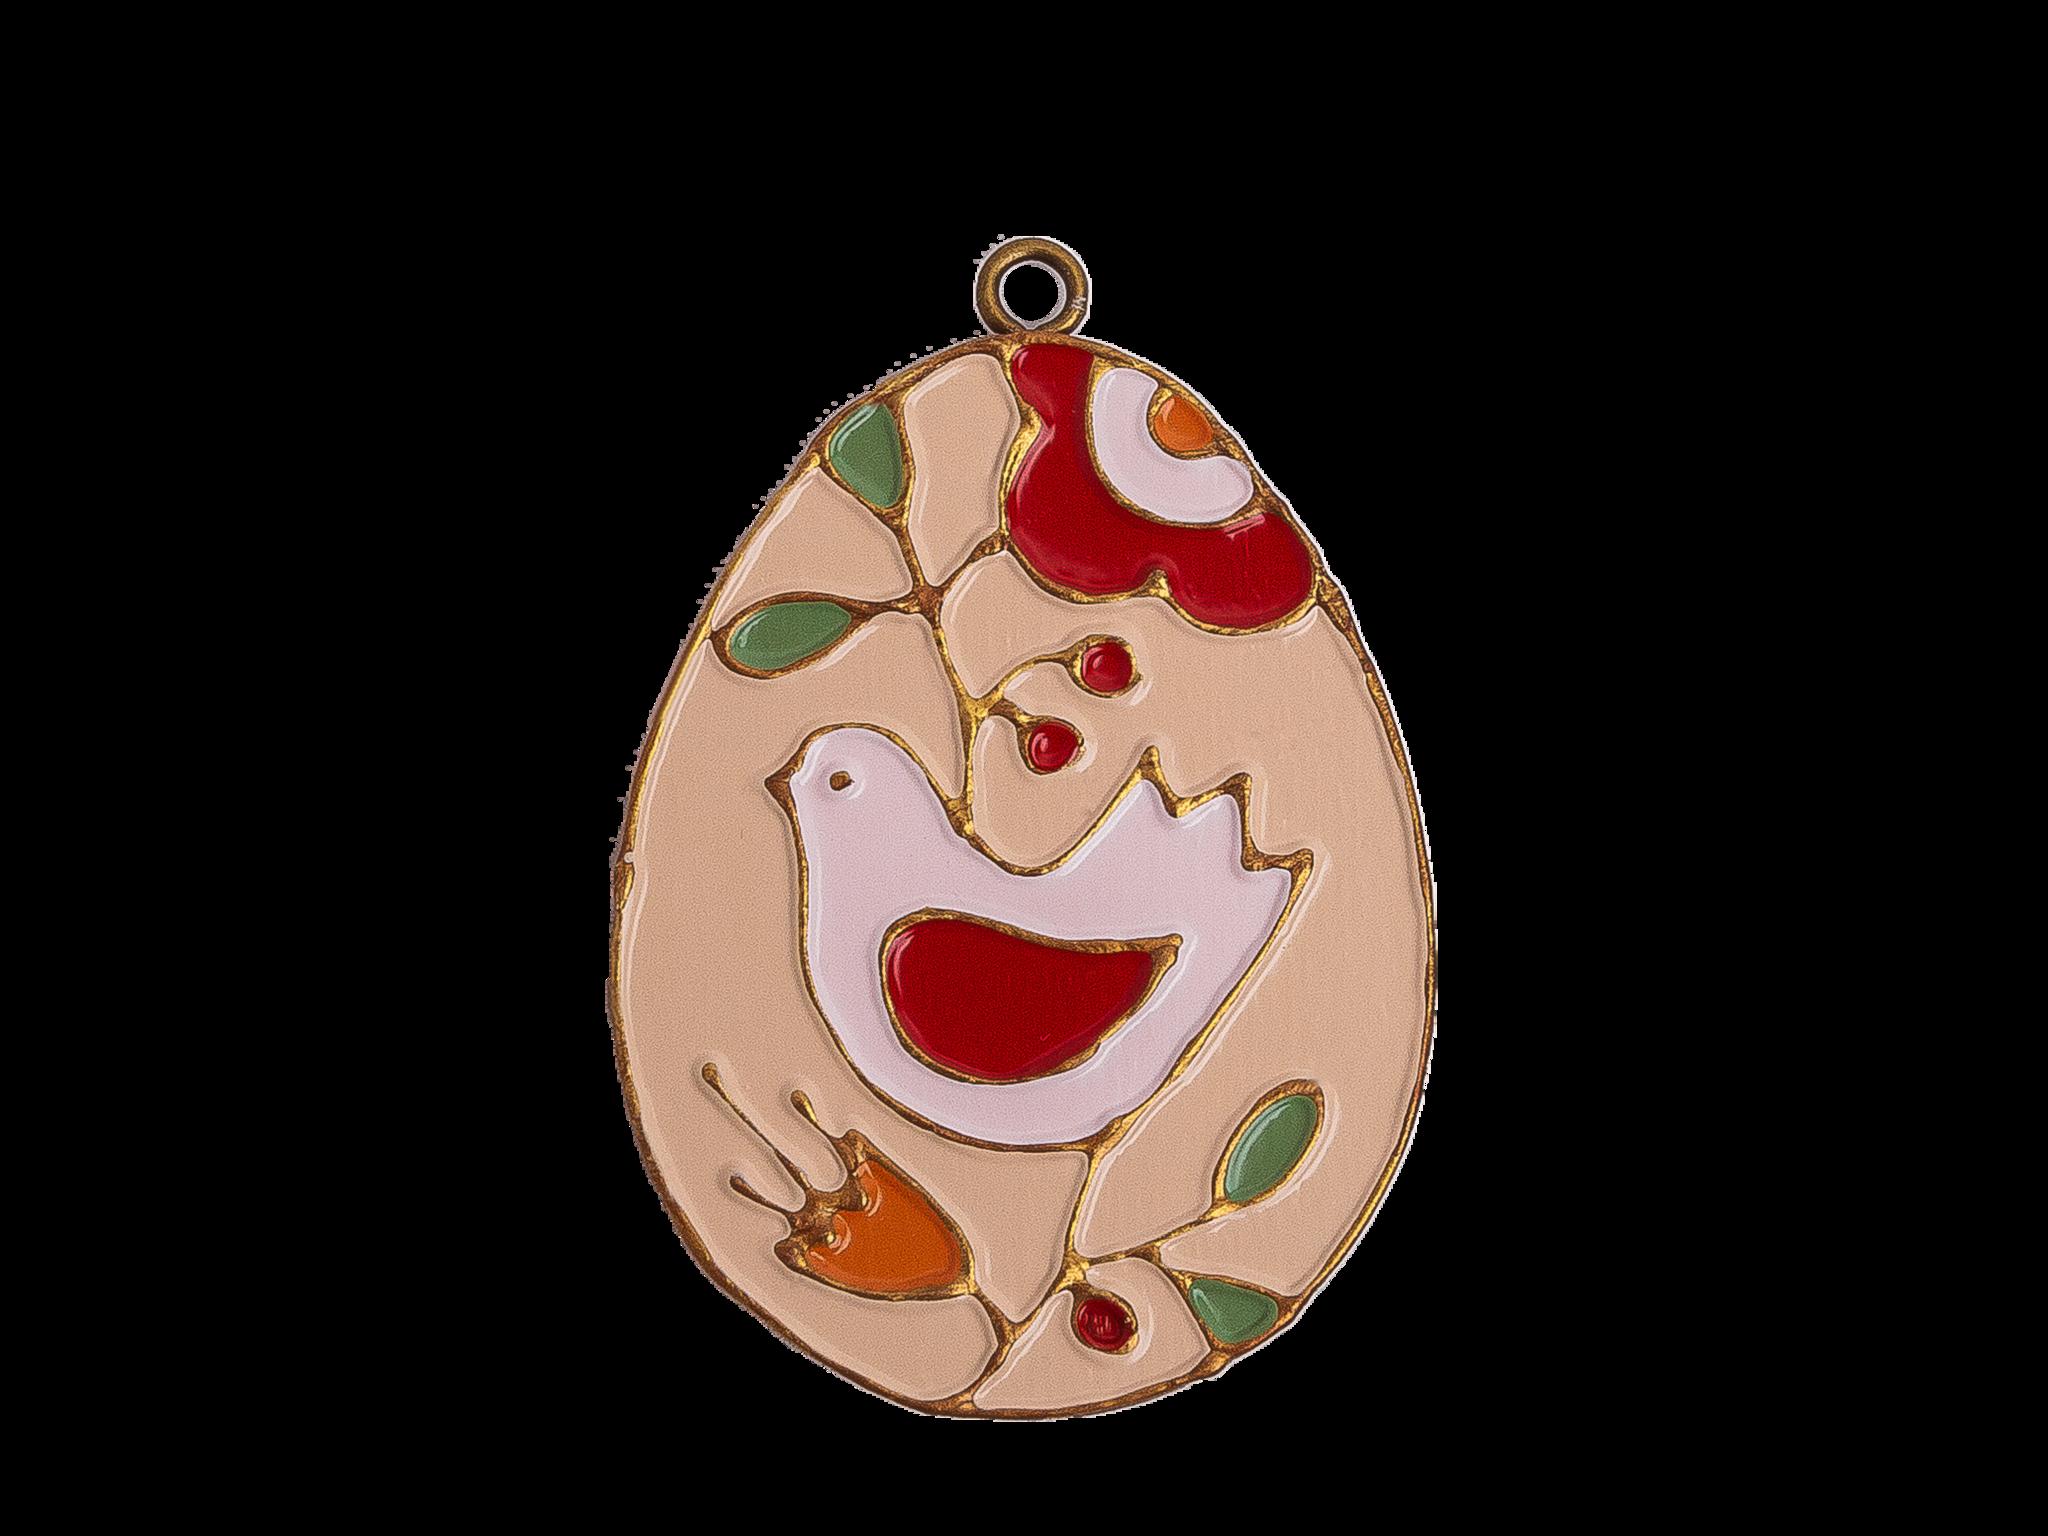 Пасхальное украшение Яйцо с Птицей, цвет: бежевый